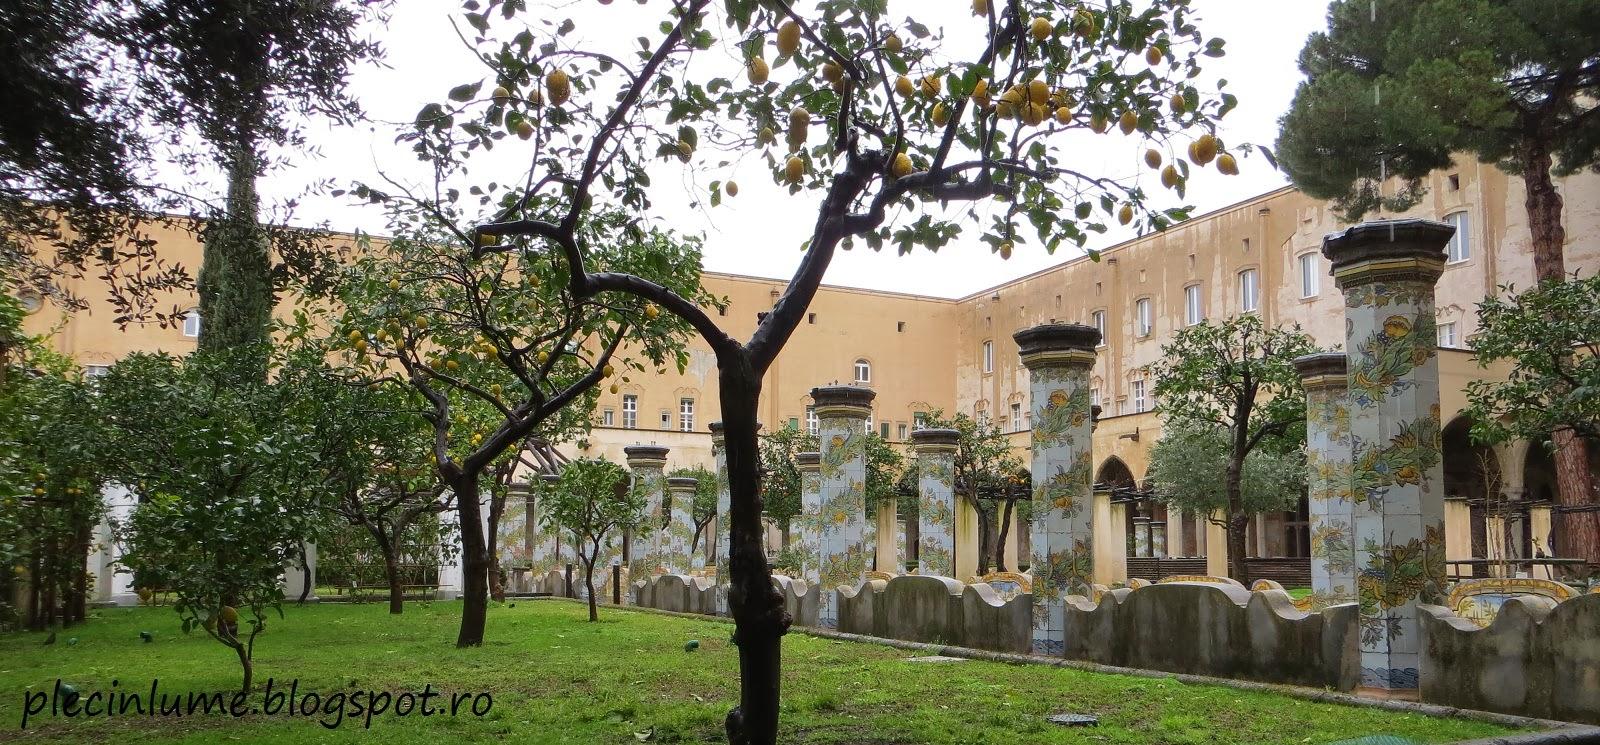 Gradina din Santa Chiara